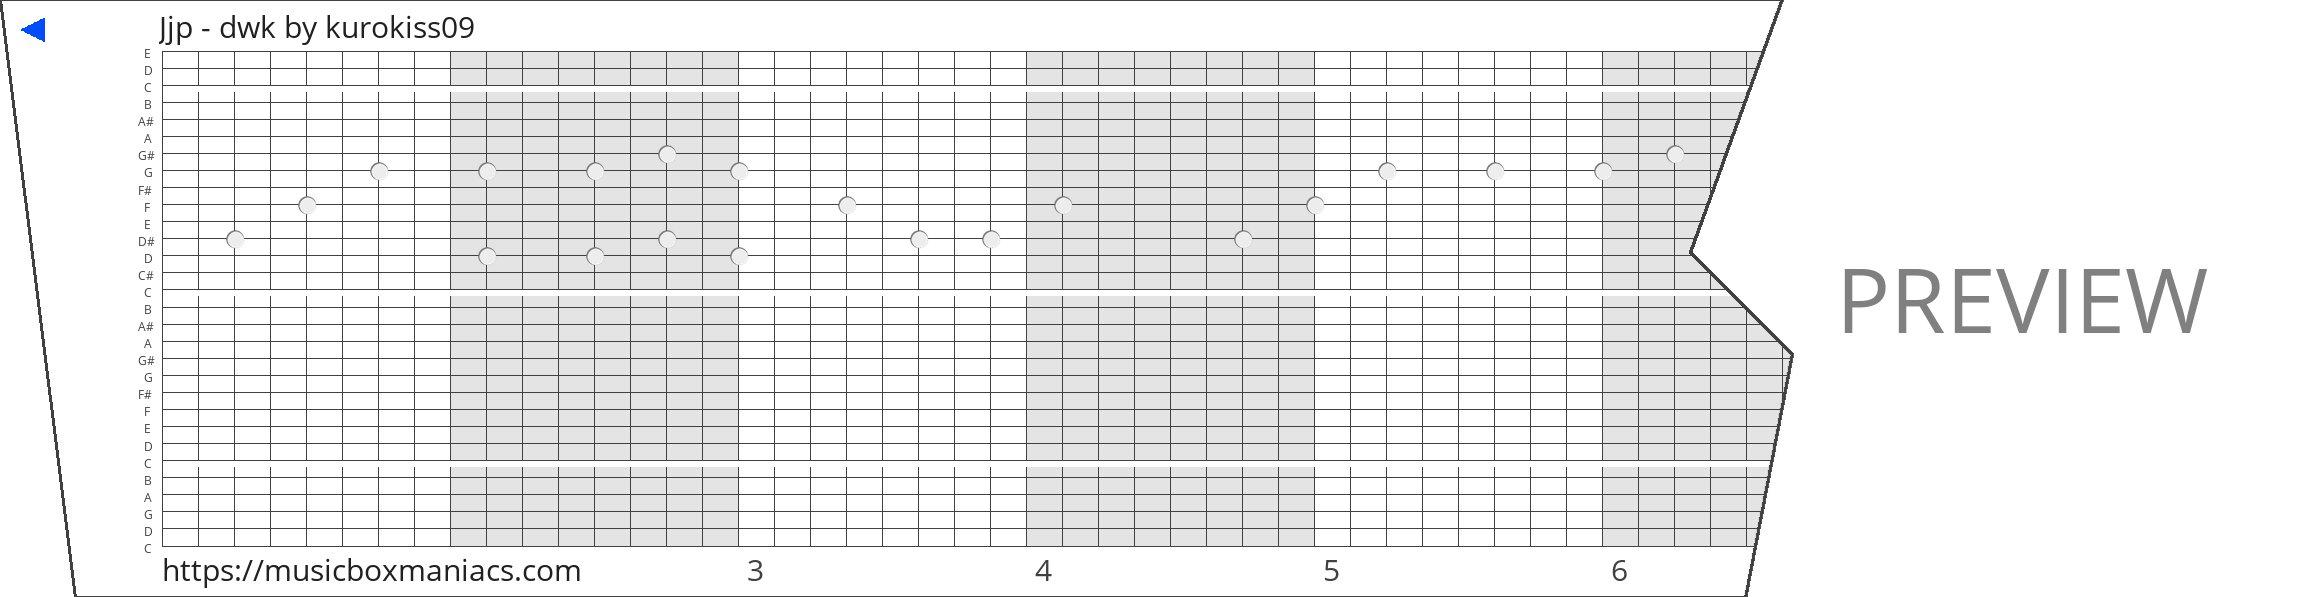 Jjp - dwk 30 note music box paper strip